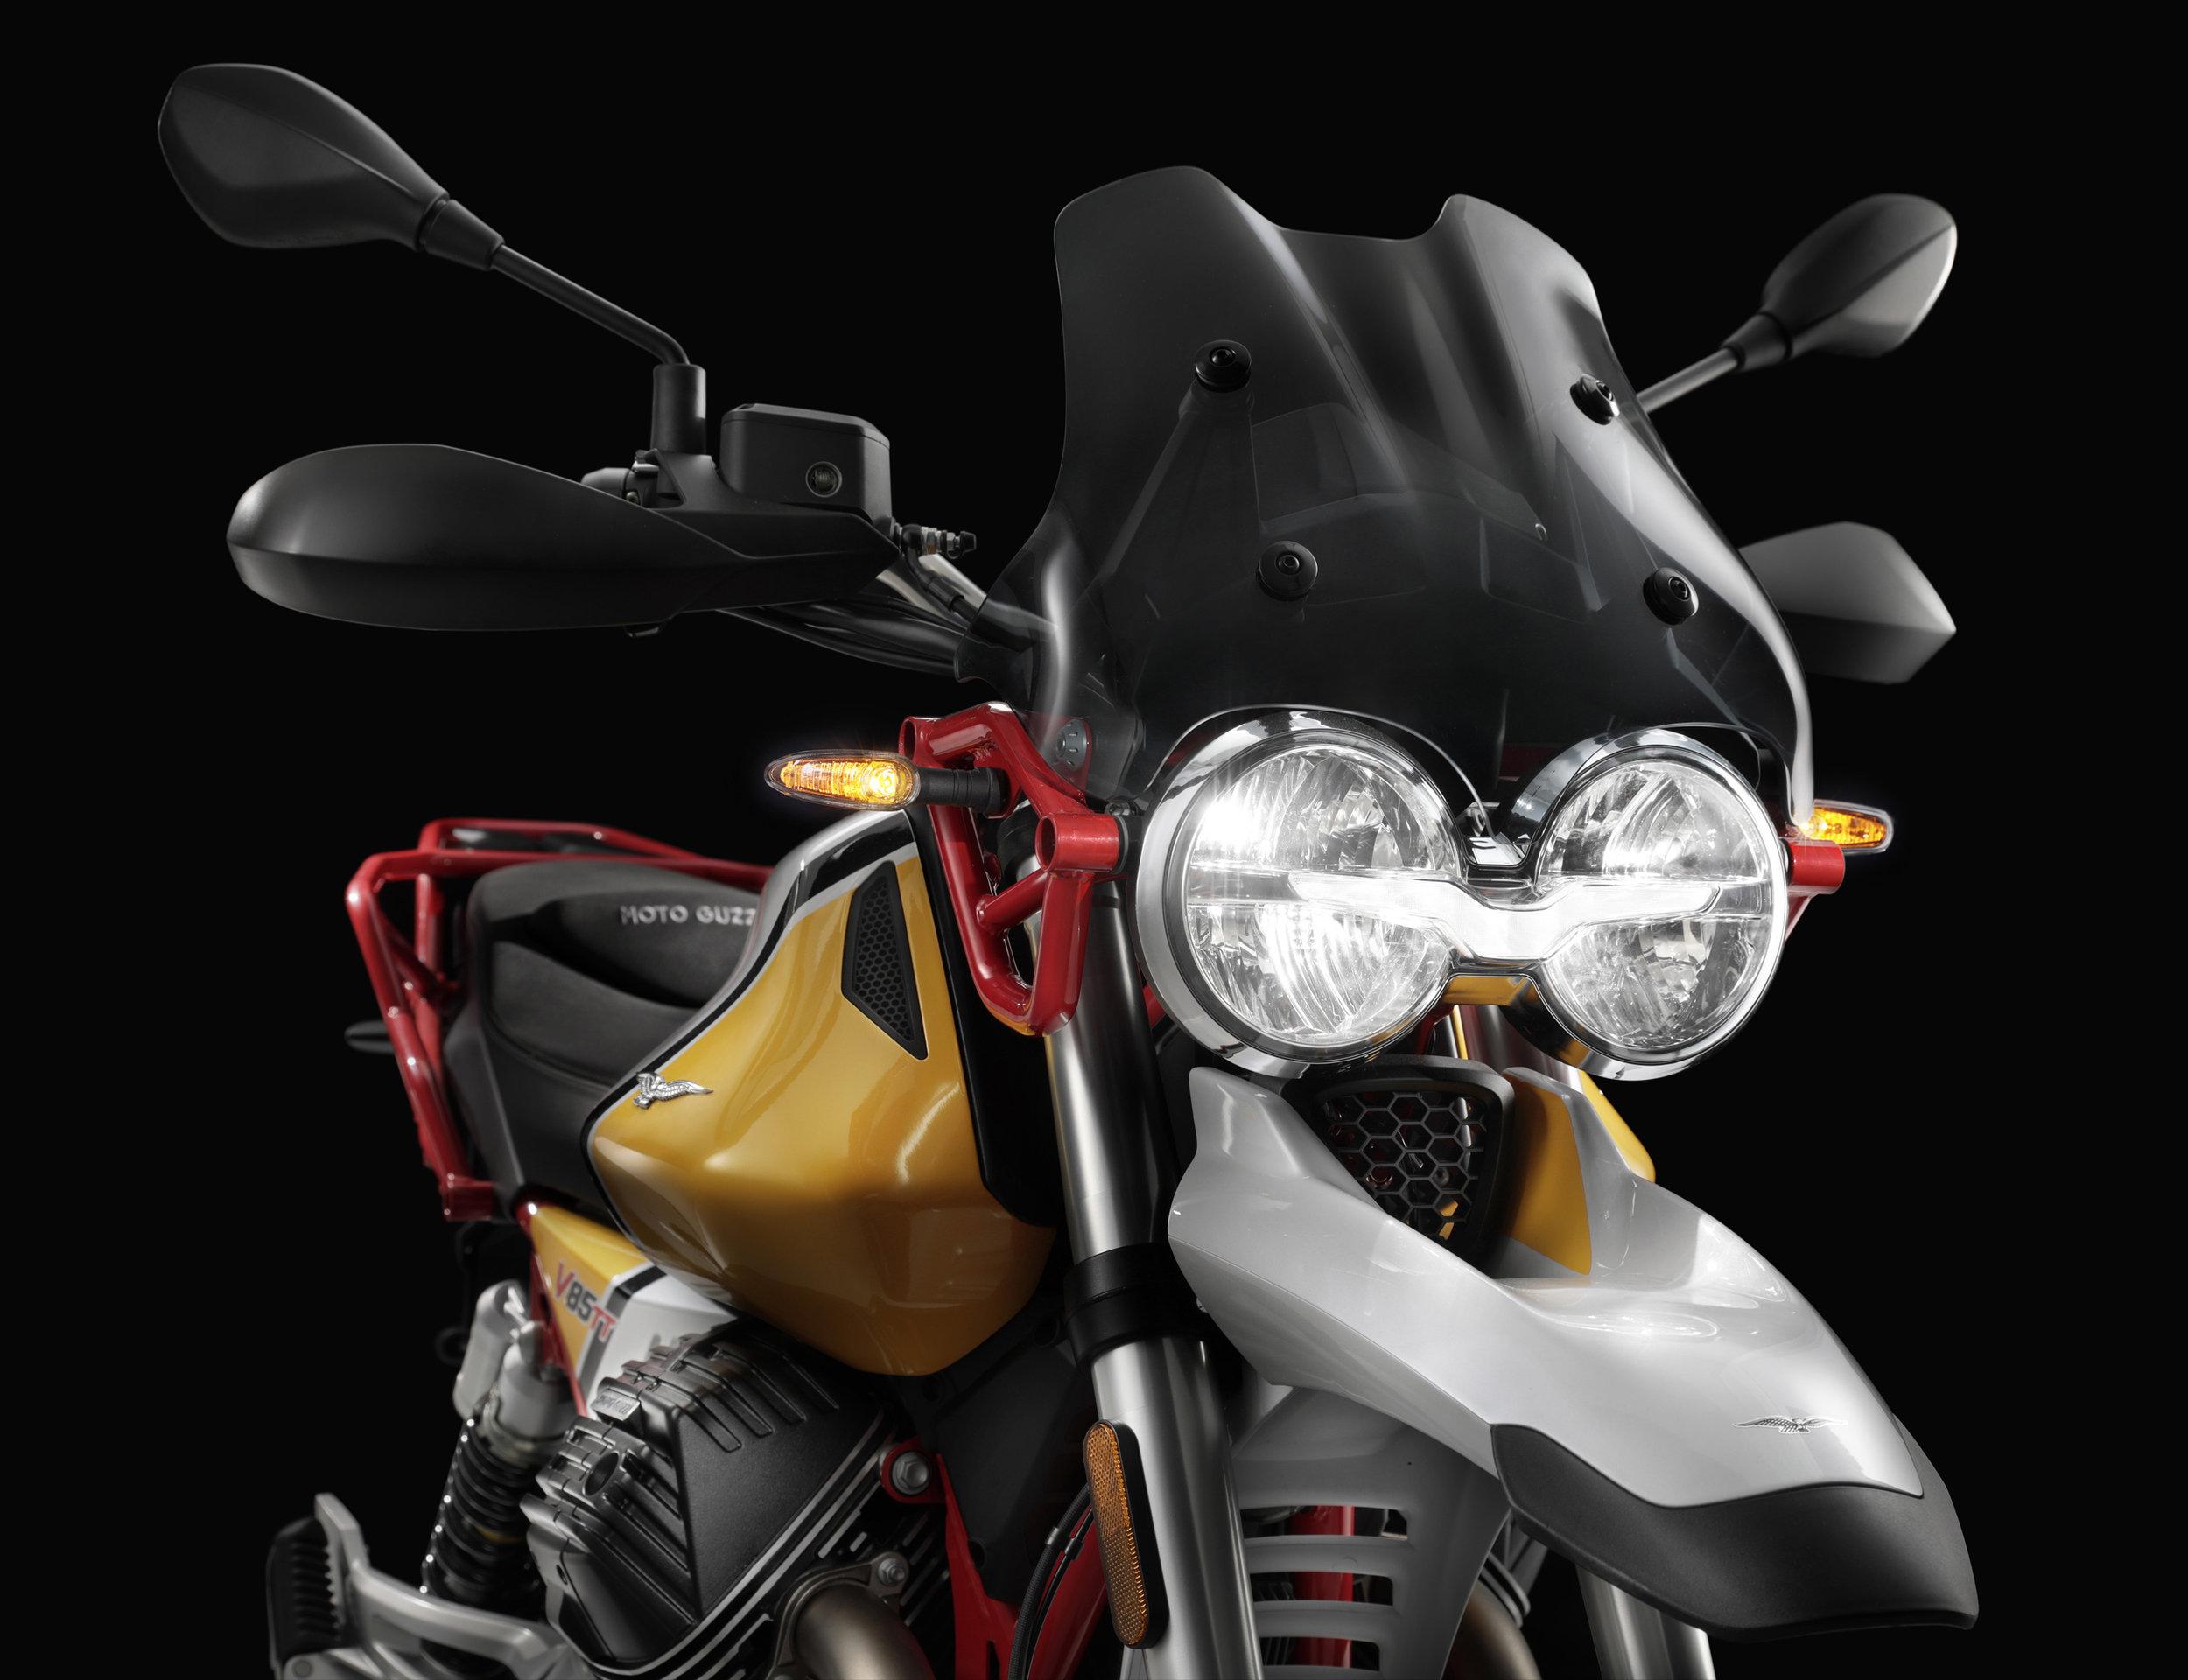 20 Moto Guzzi V85 TT.jpg